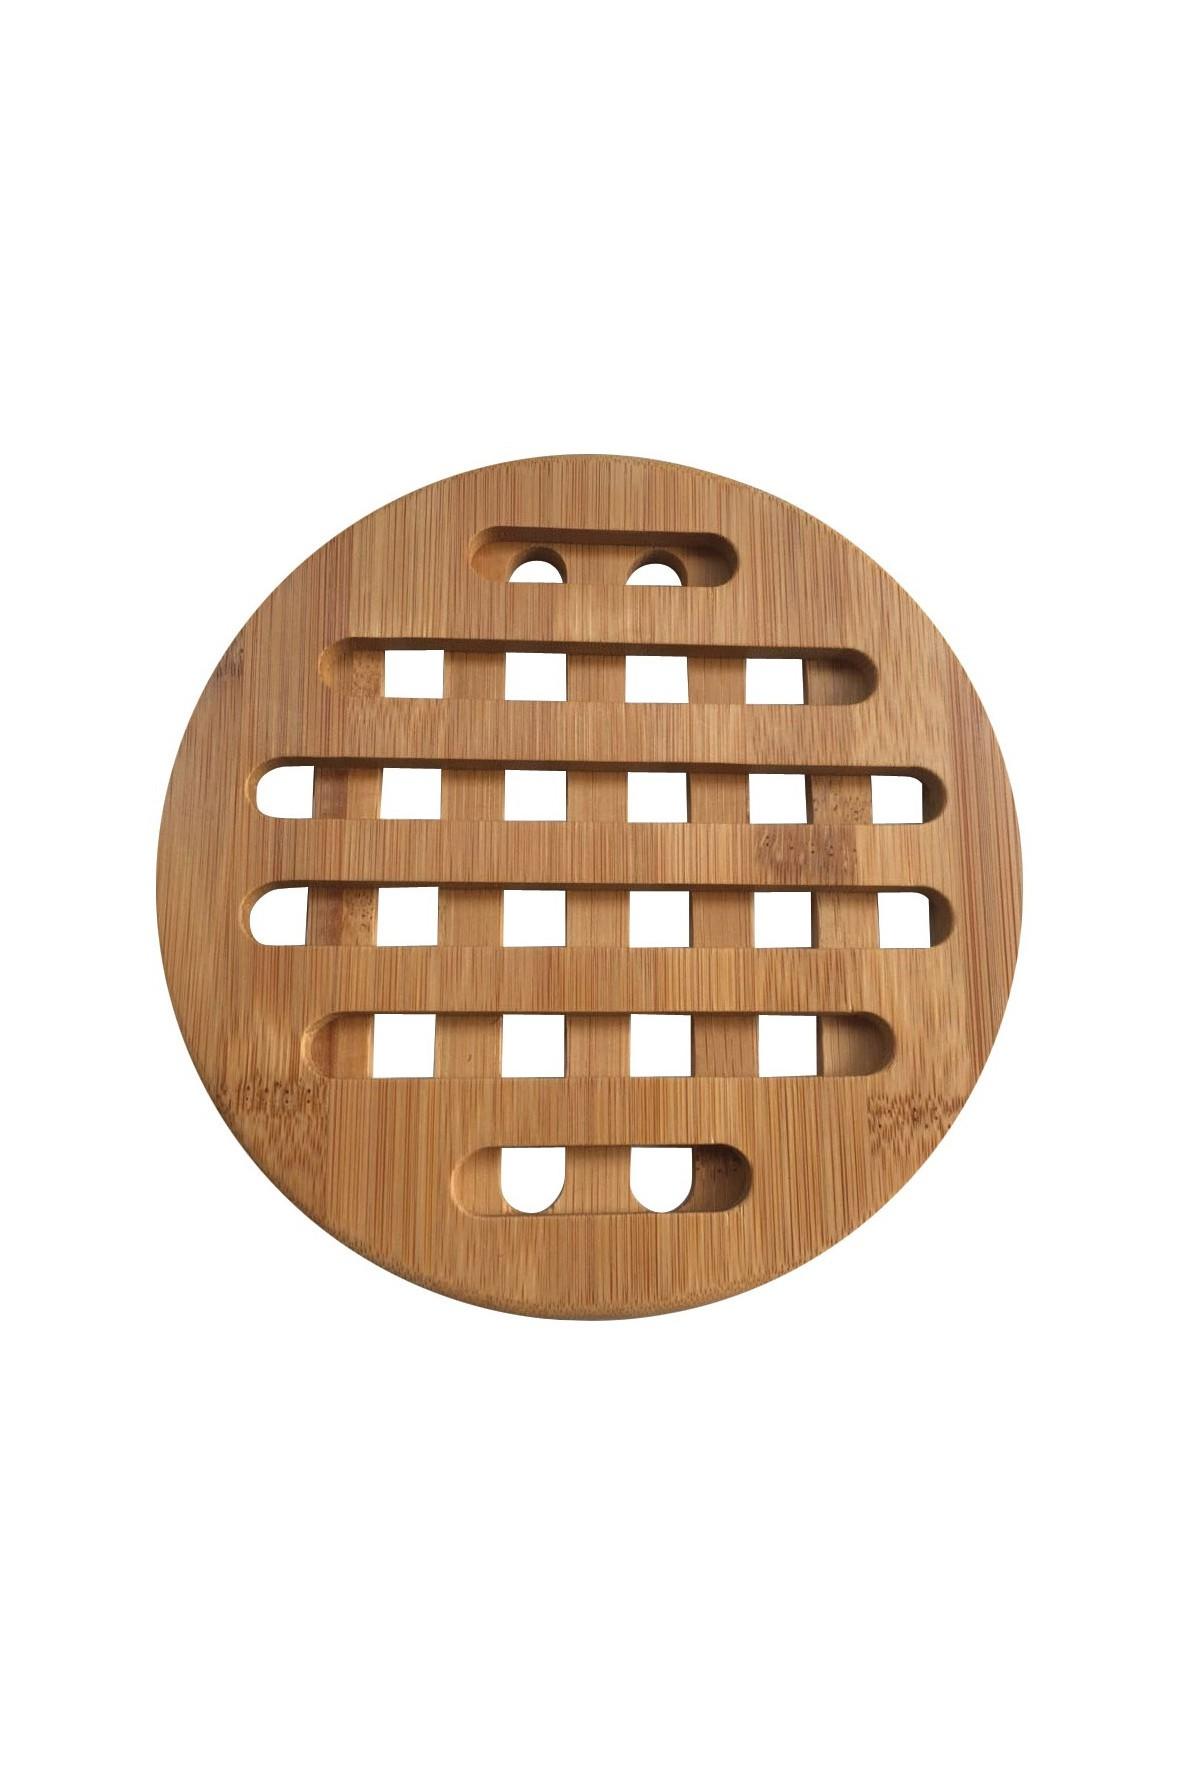 KINGHOFF Podstawki bambusowe okrągłe 2 szt